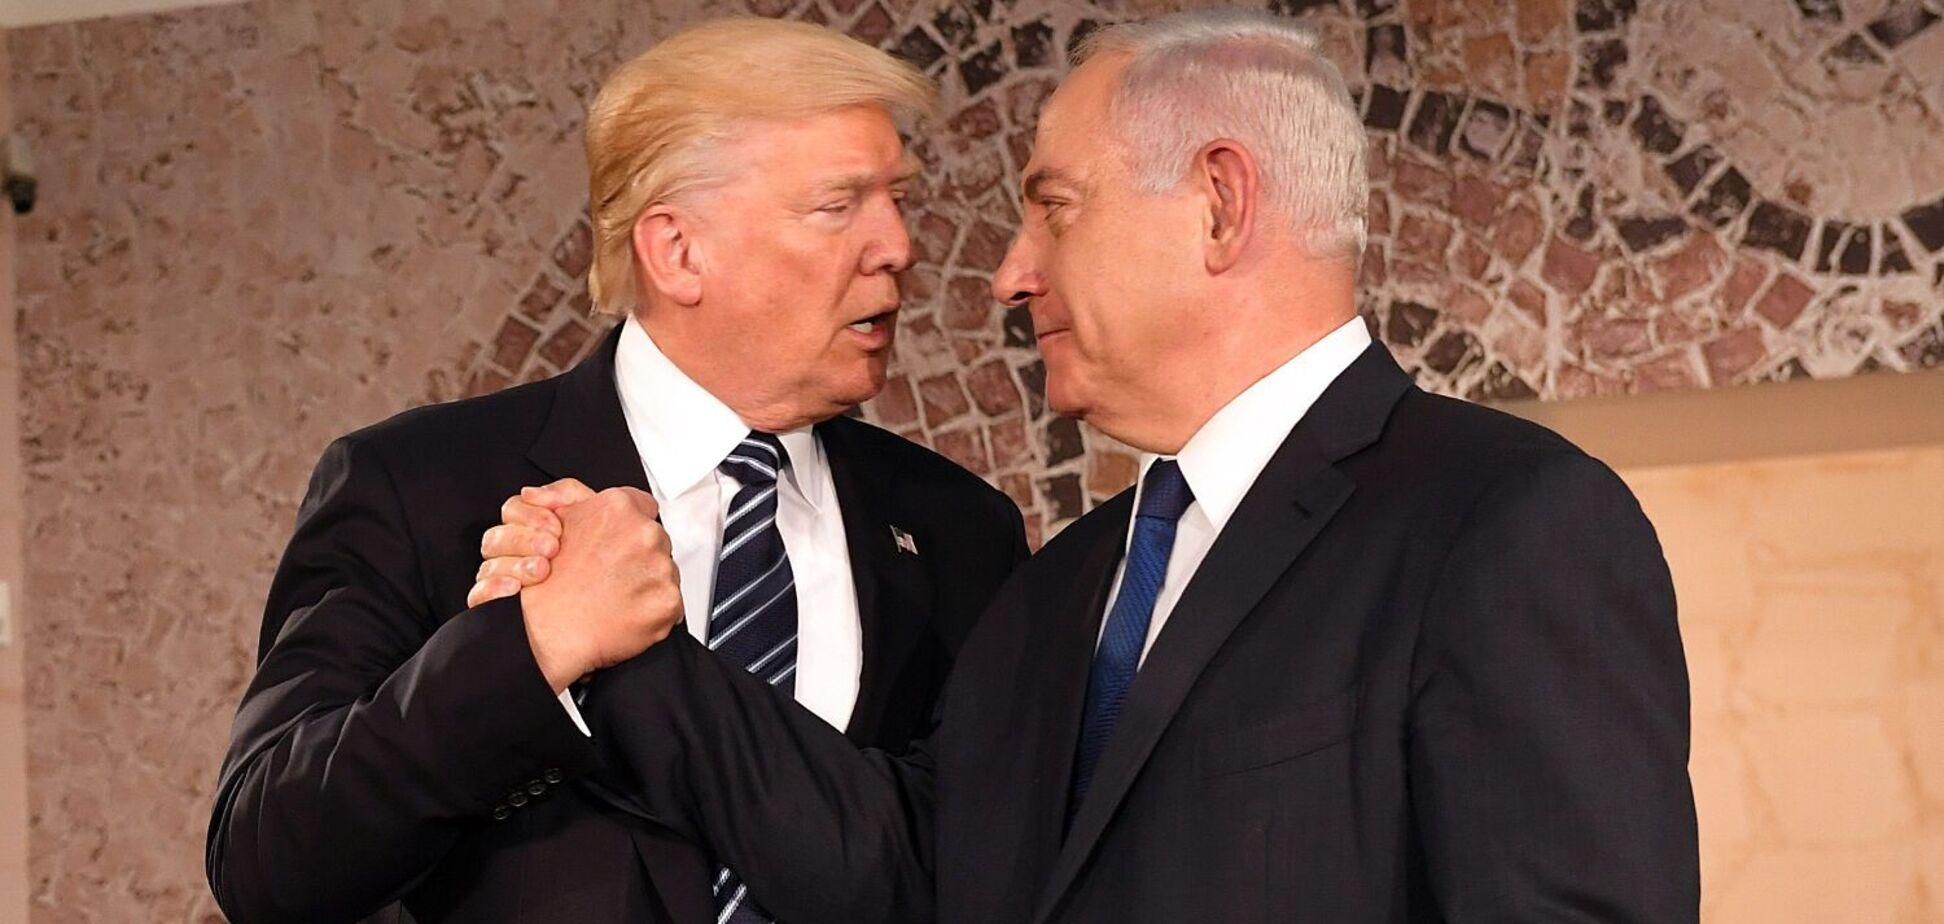 Нетаньяху возит с собой в США чемоданы с грязным бельем